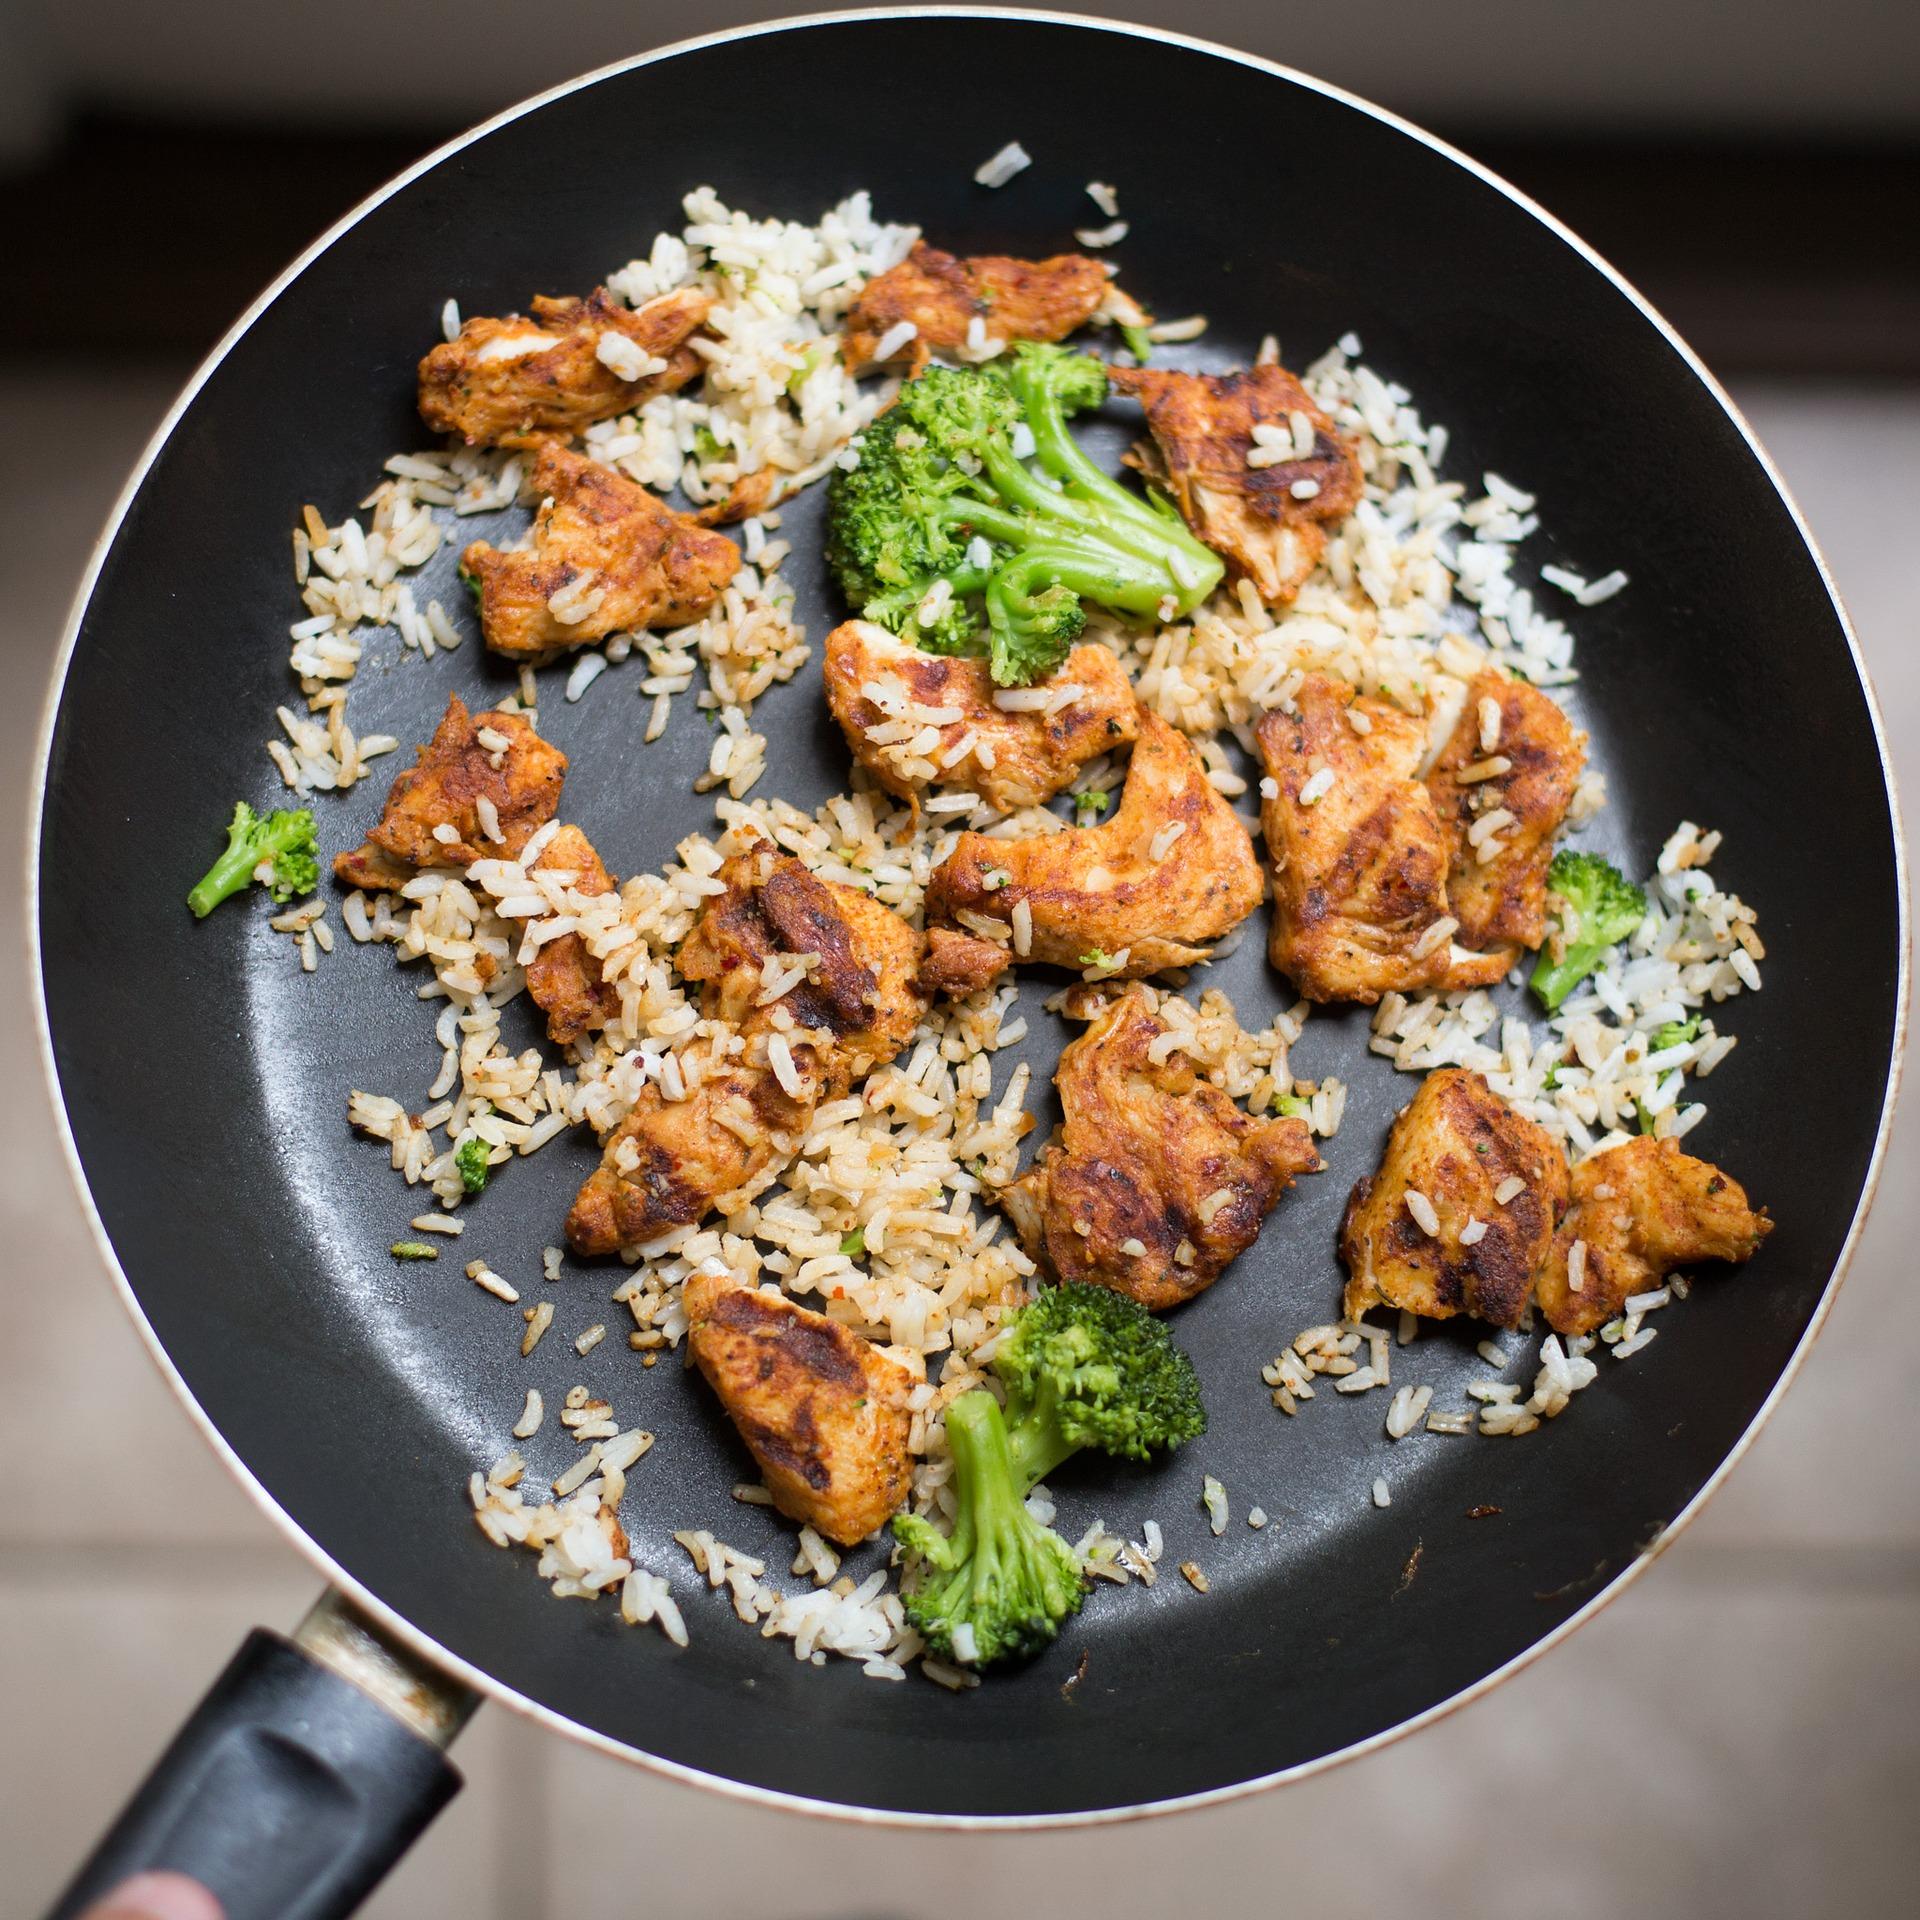 フライパンで炒める野菜と肉と米